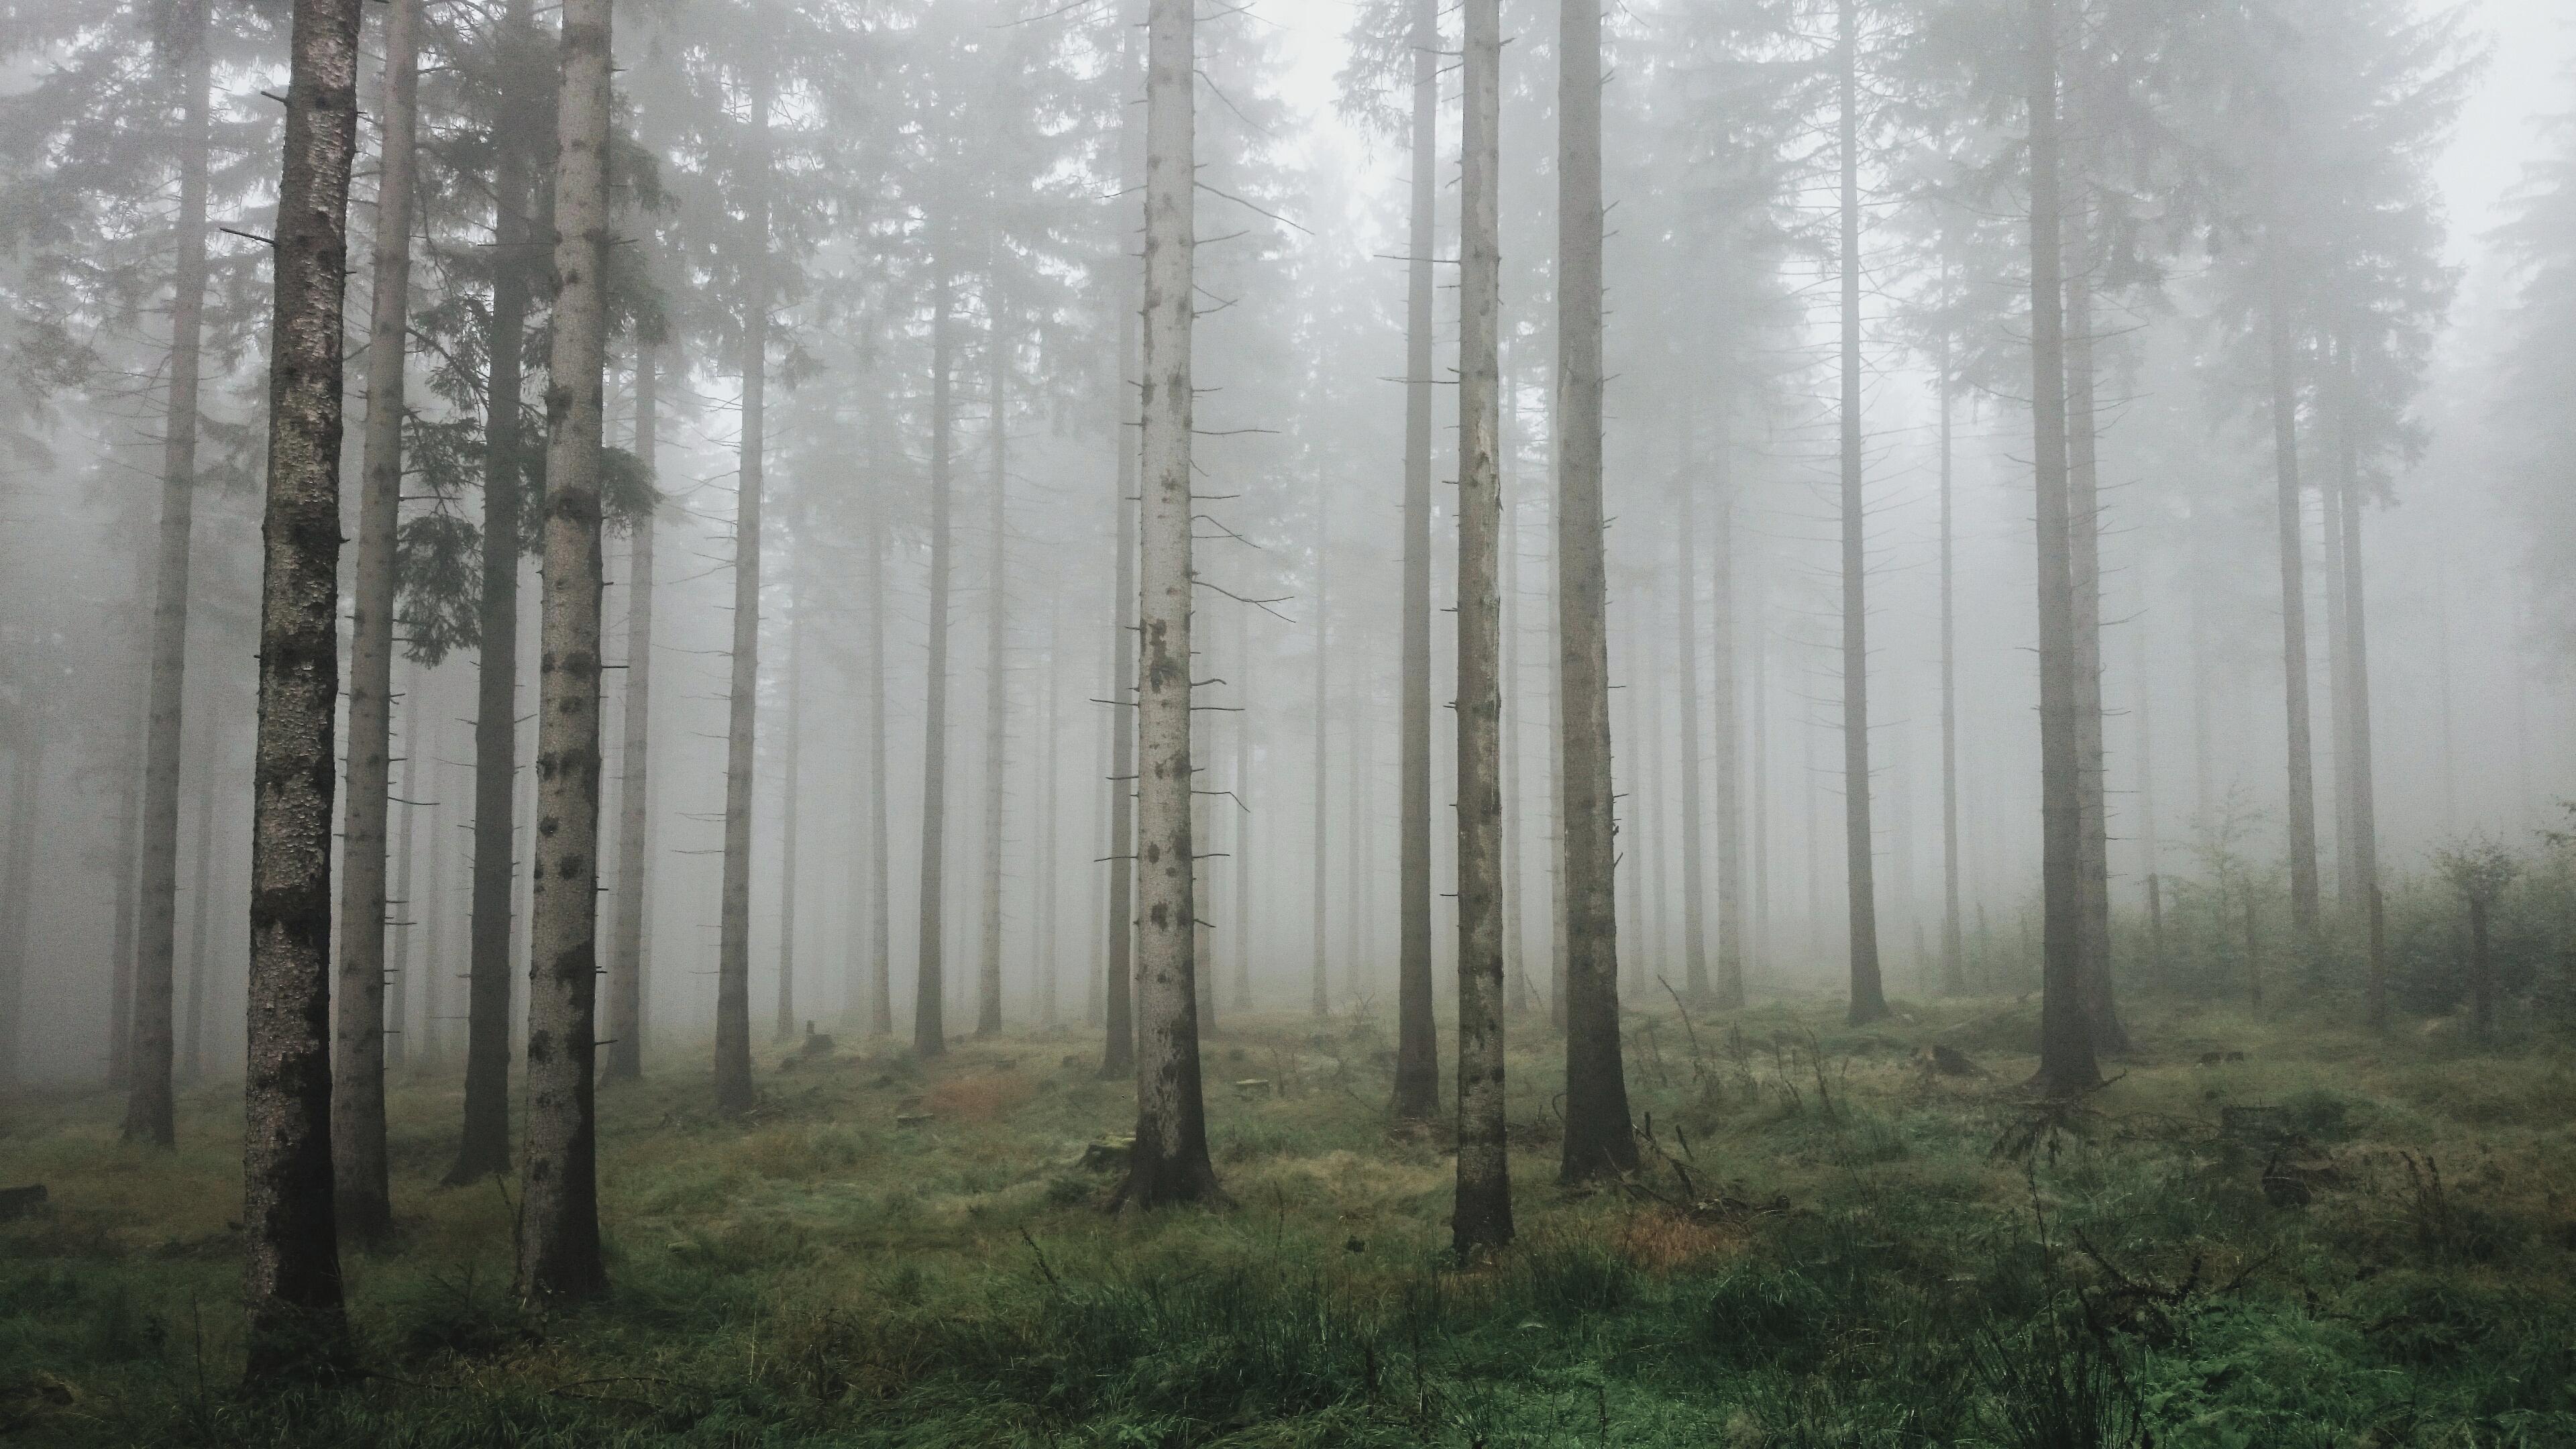 jesień, katie_lamassu, serendipity, las, mgła